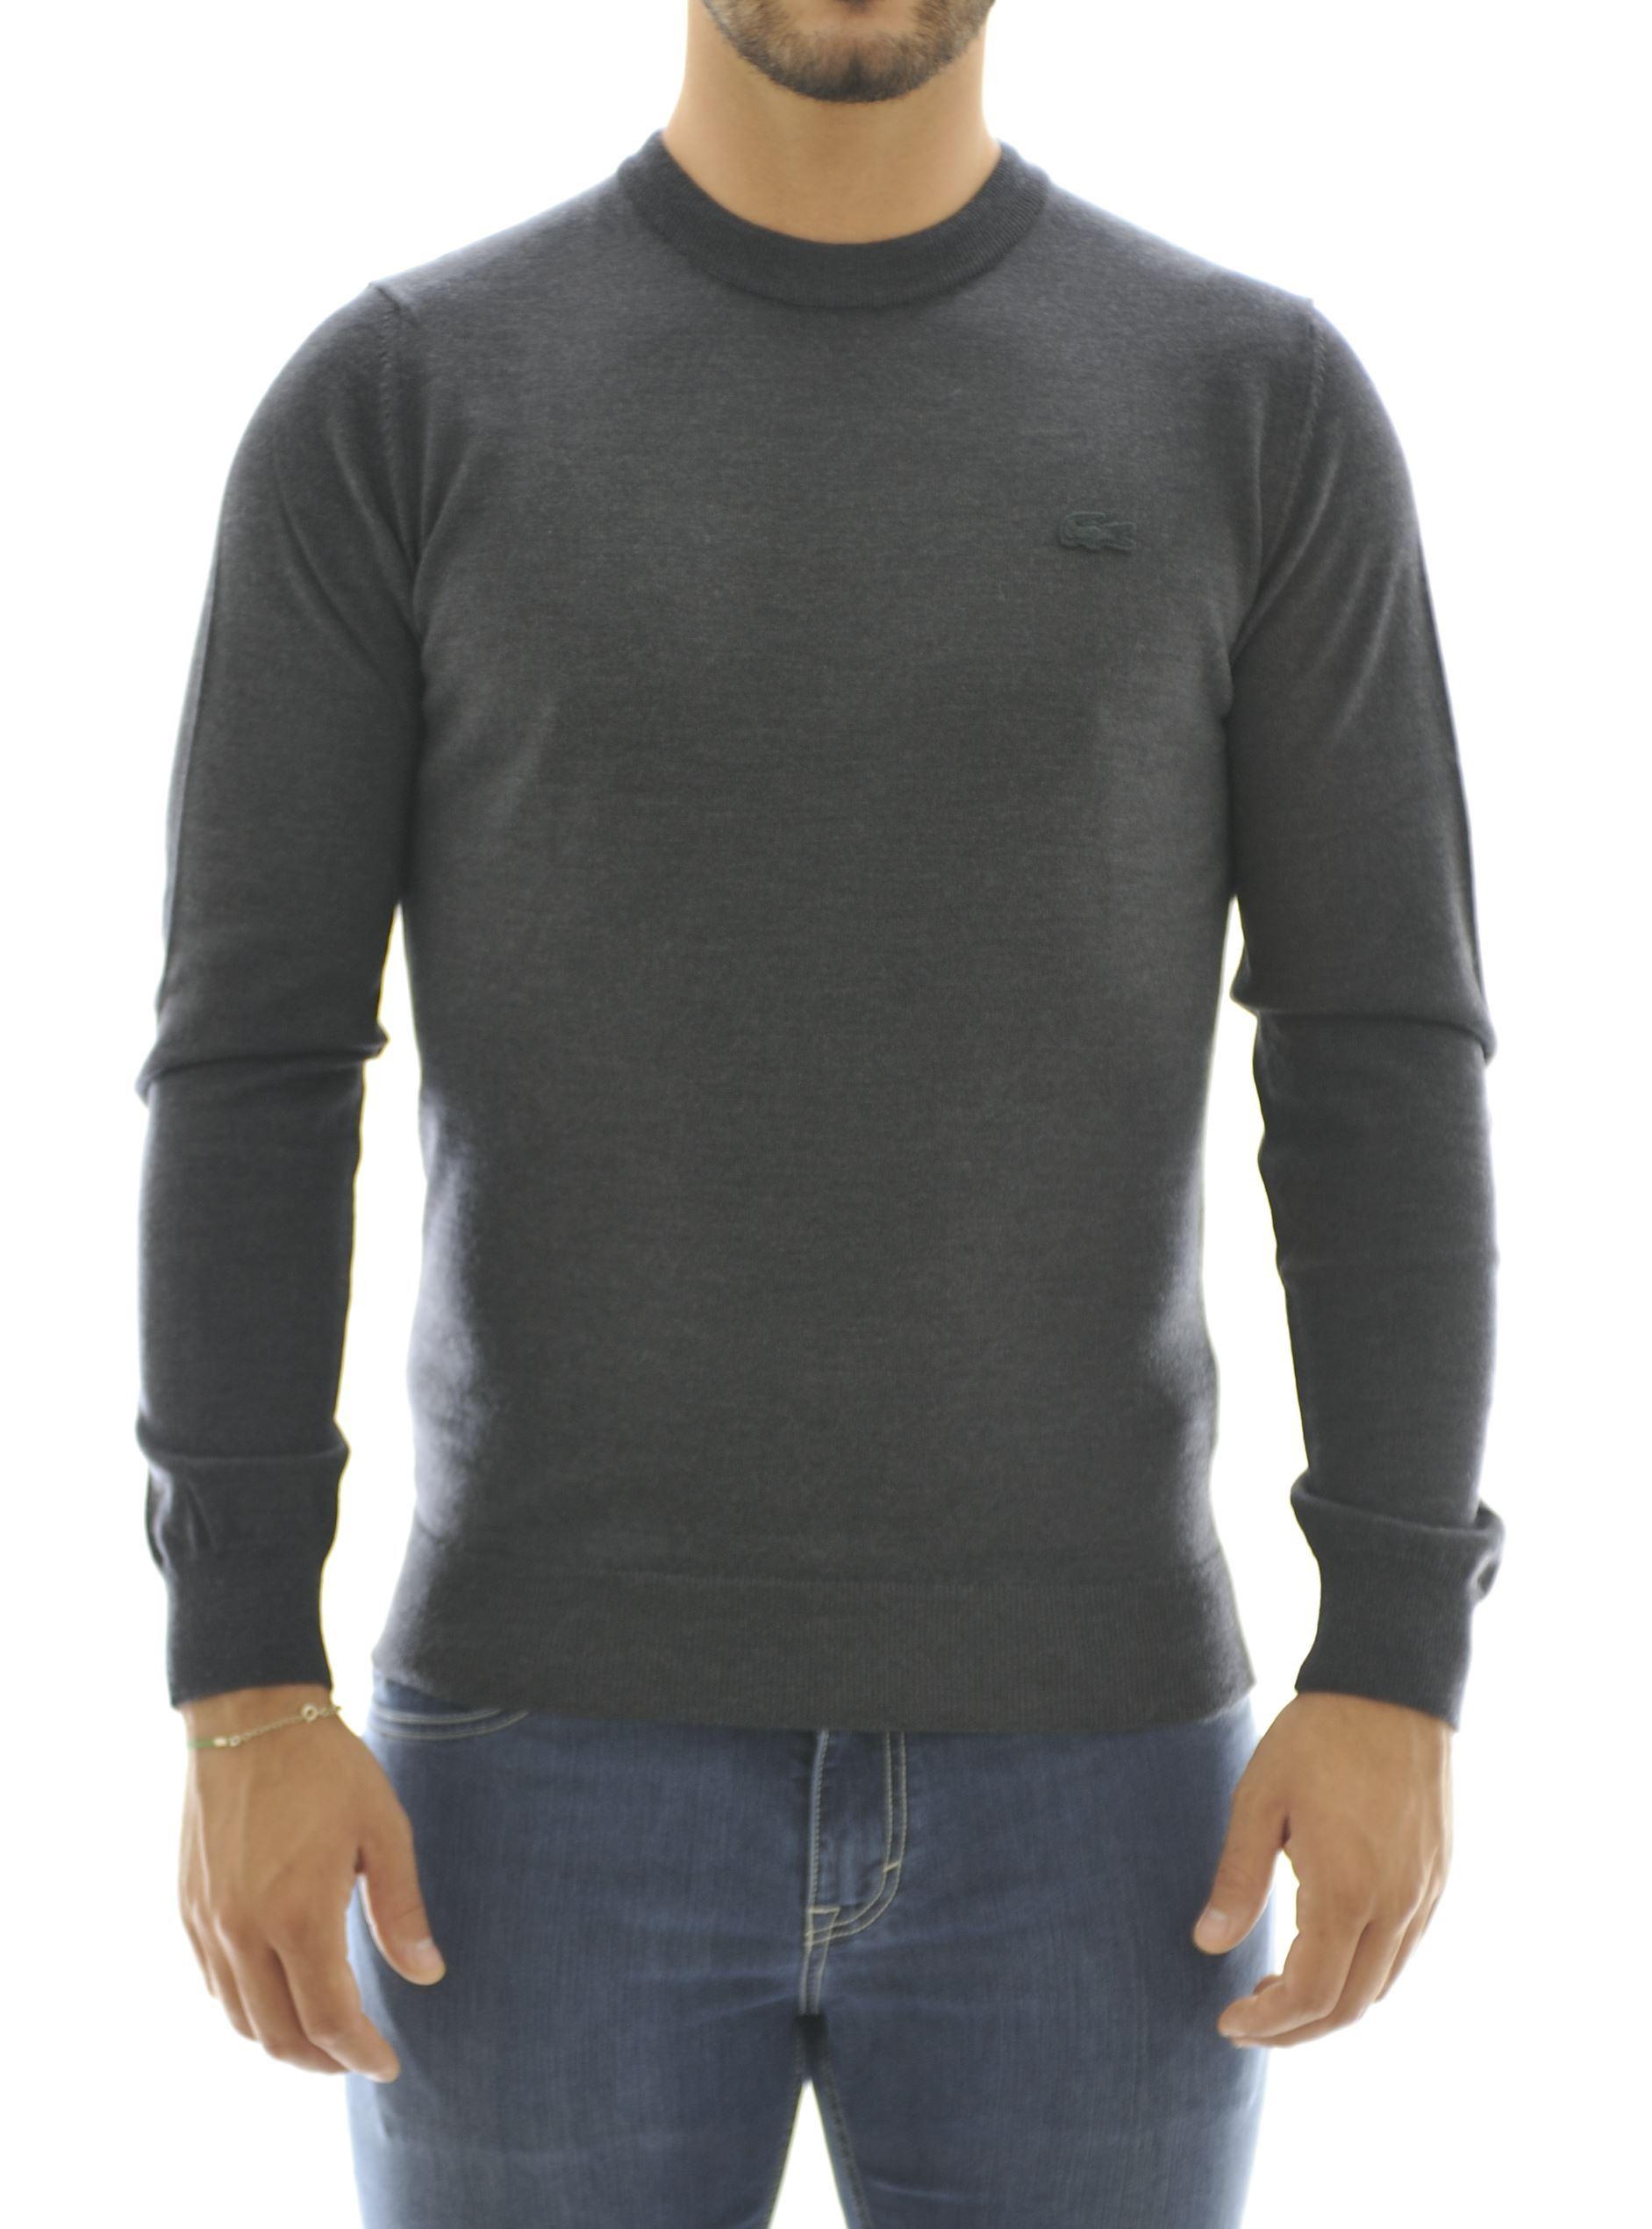 Immagine di Girocollo lana merinos grigio